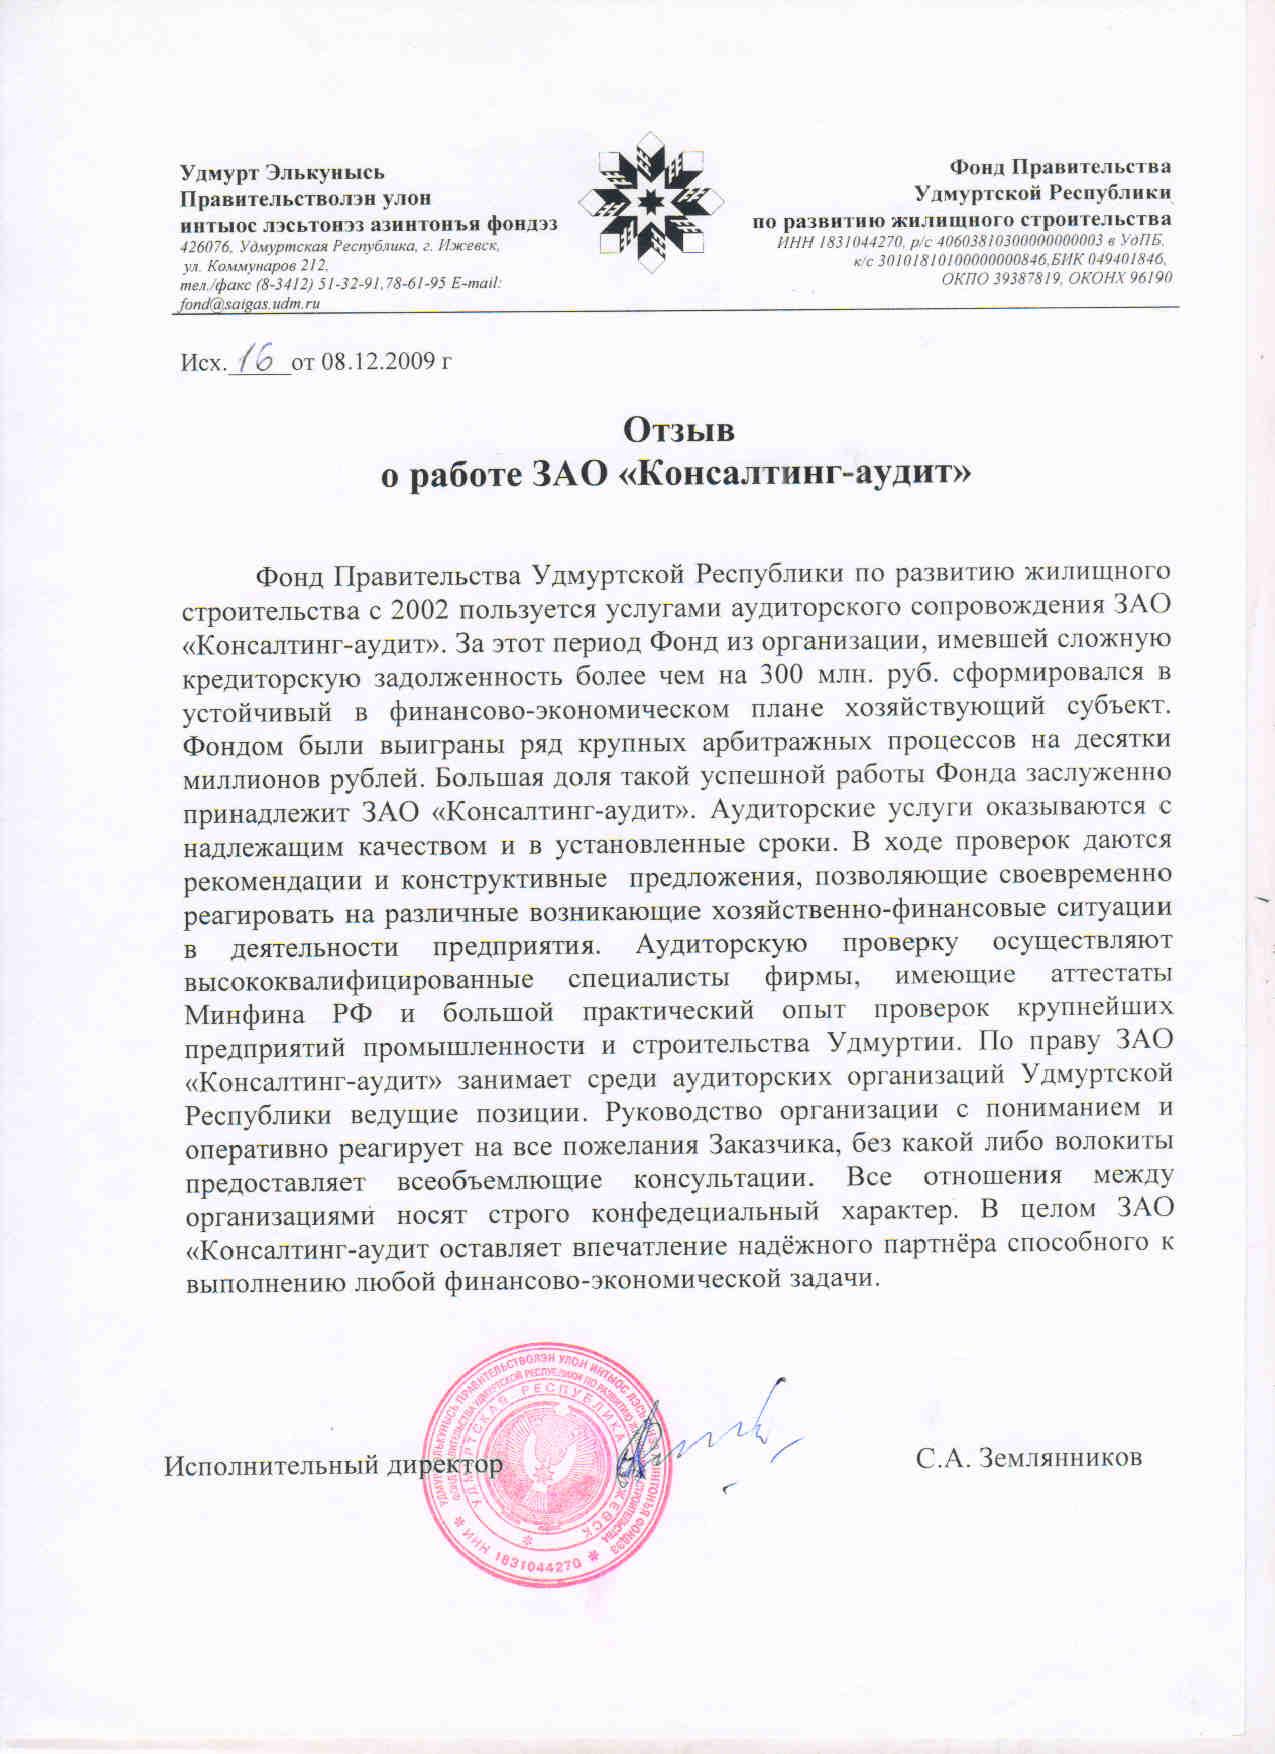 Отзыв Фонда Правительства УР_2009